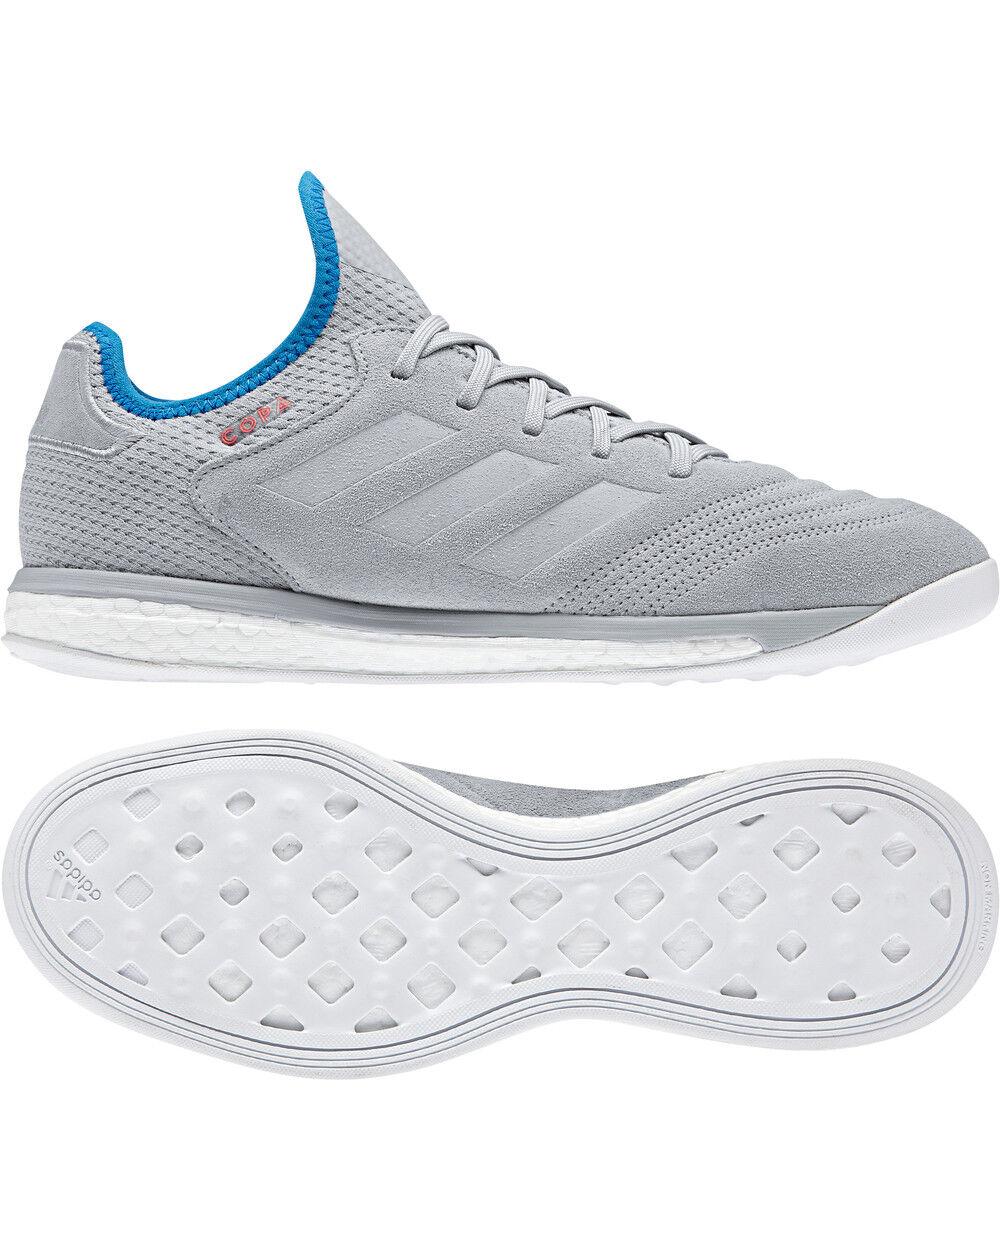 e568d426fe2ac ... Zapatos Ginnastica Sportive Sneakers Zapatos Zapatos Zapatos Adidas  Copa Tango 18.1 Training a795a0 ...